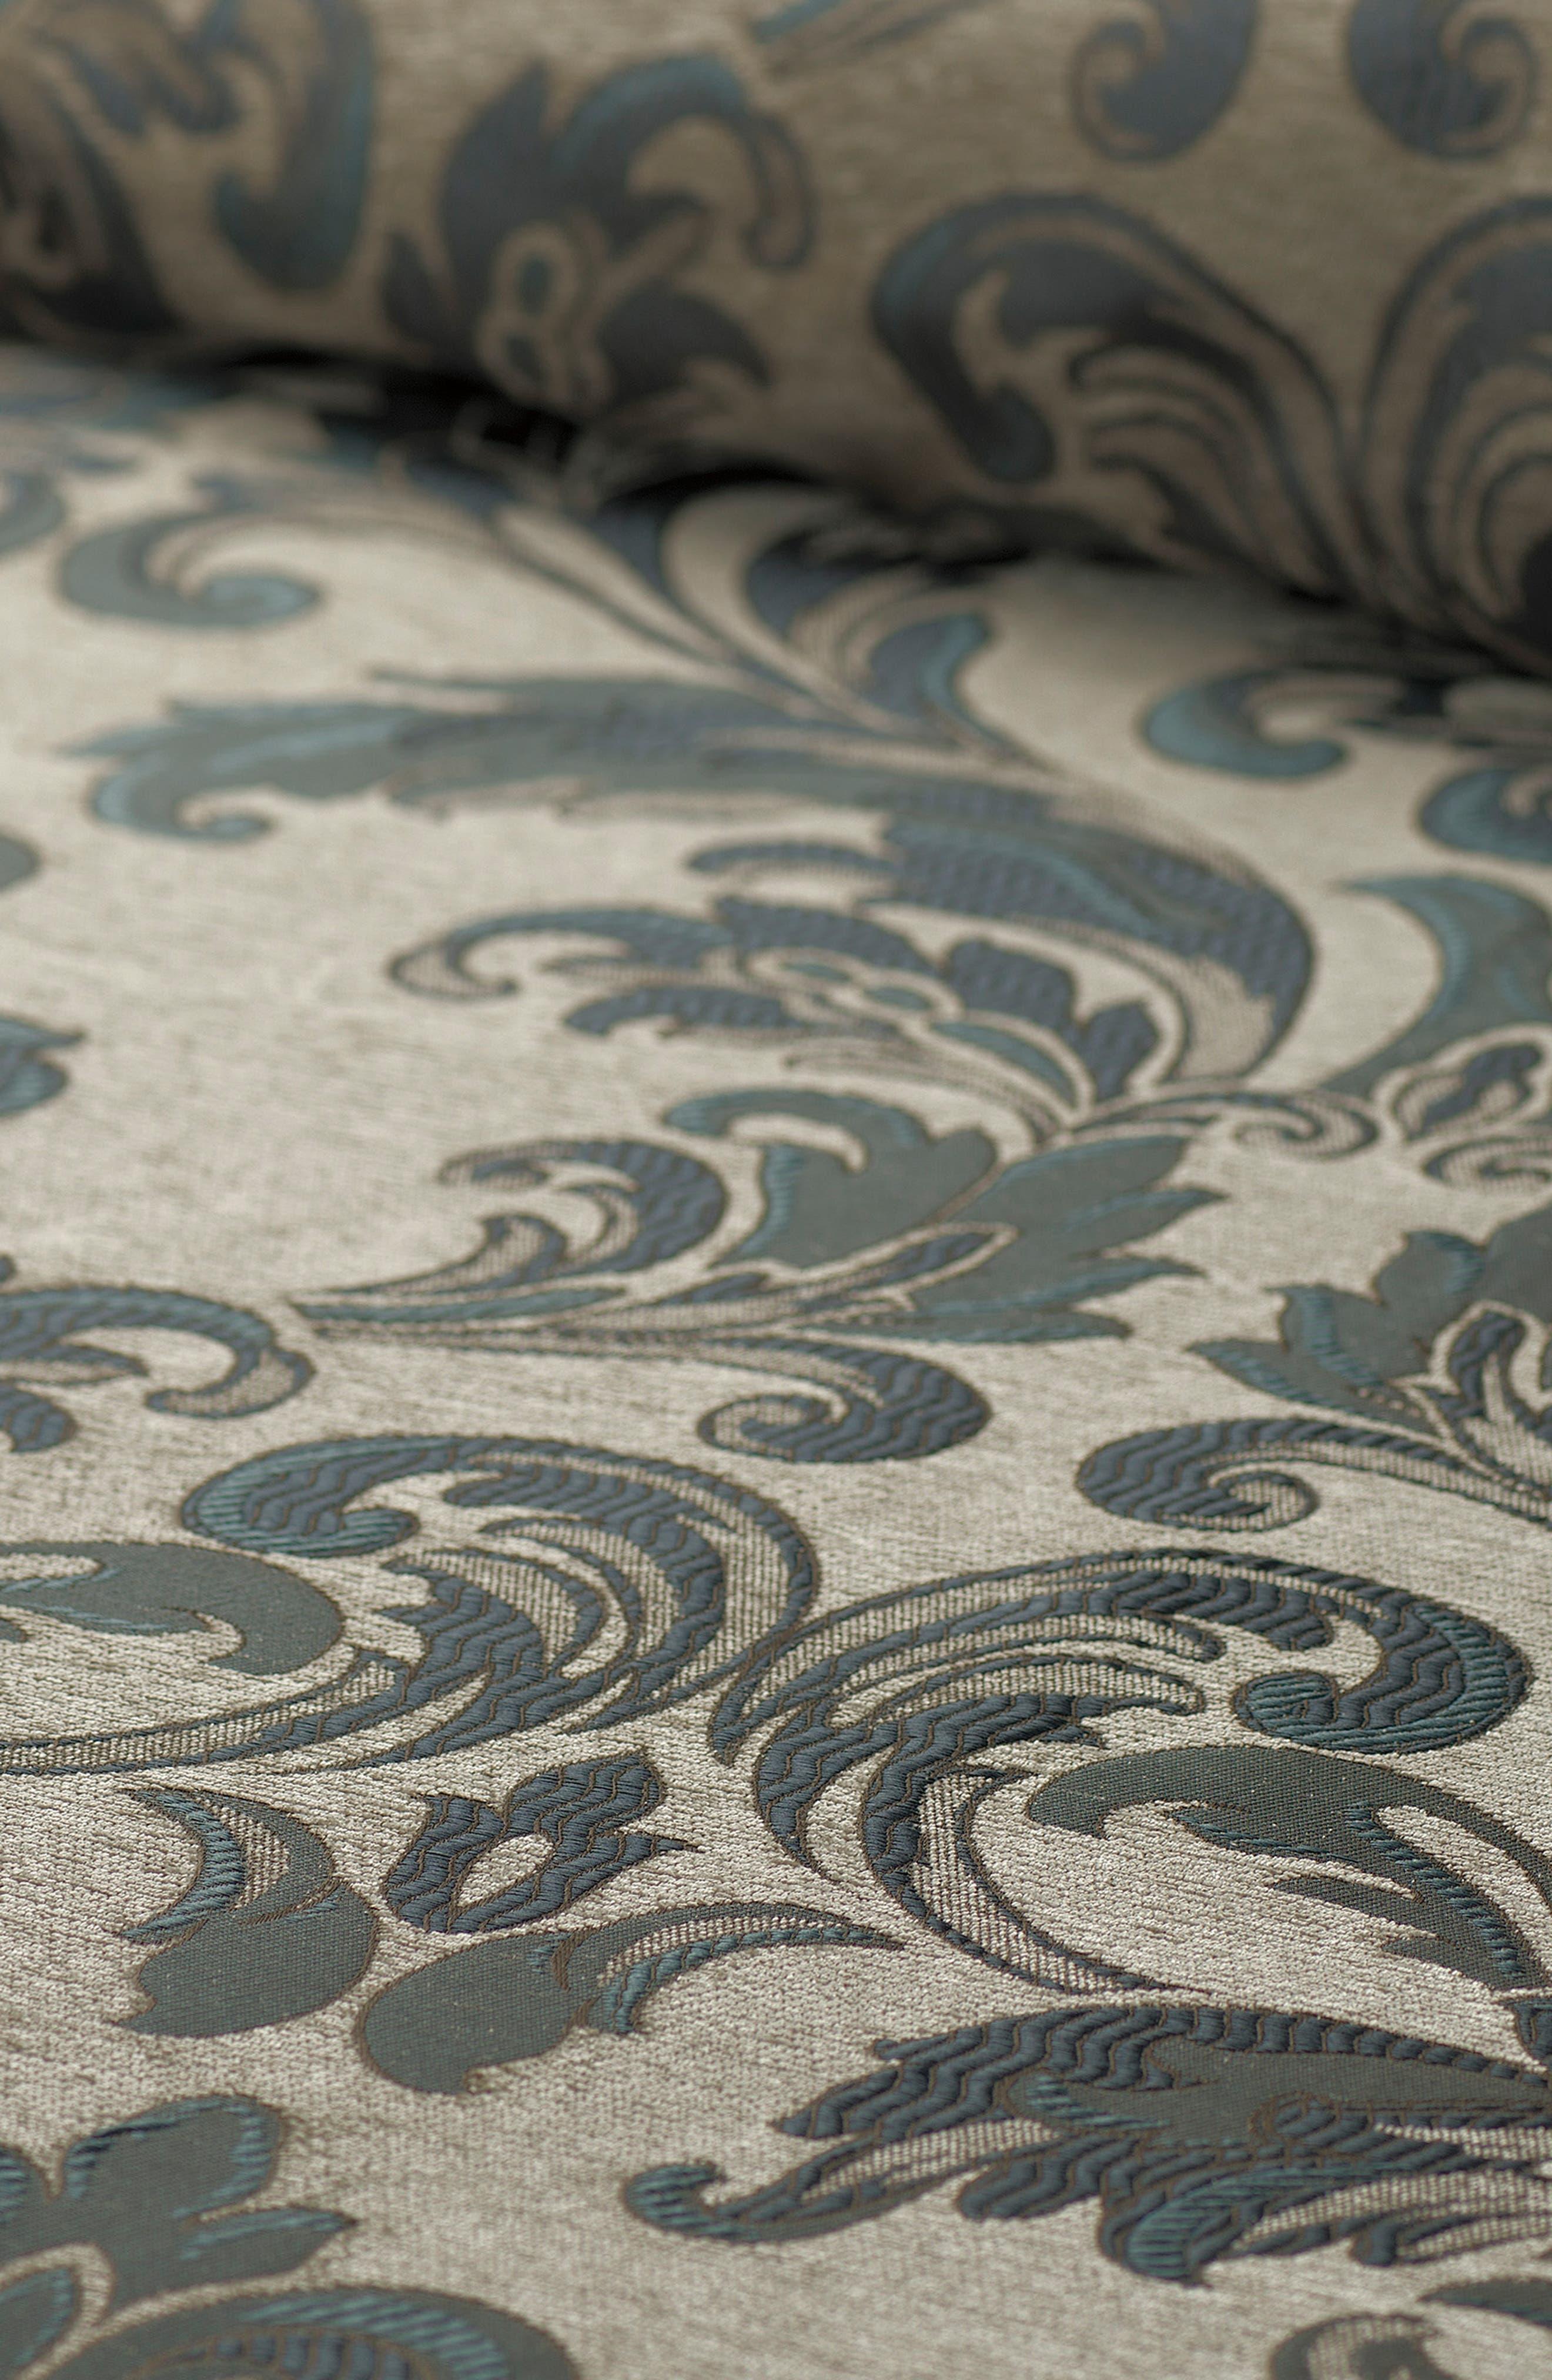 Everett Reversible Comforter, Sham & Bed Skirt Set,                             Alternate thumbnail 2, color,                             TEAL